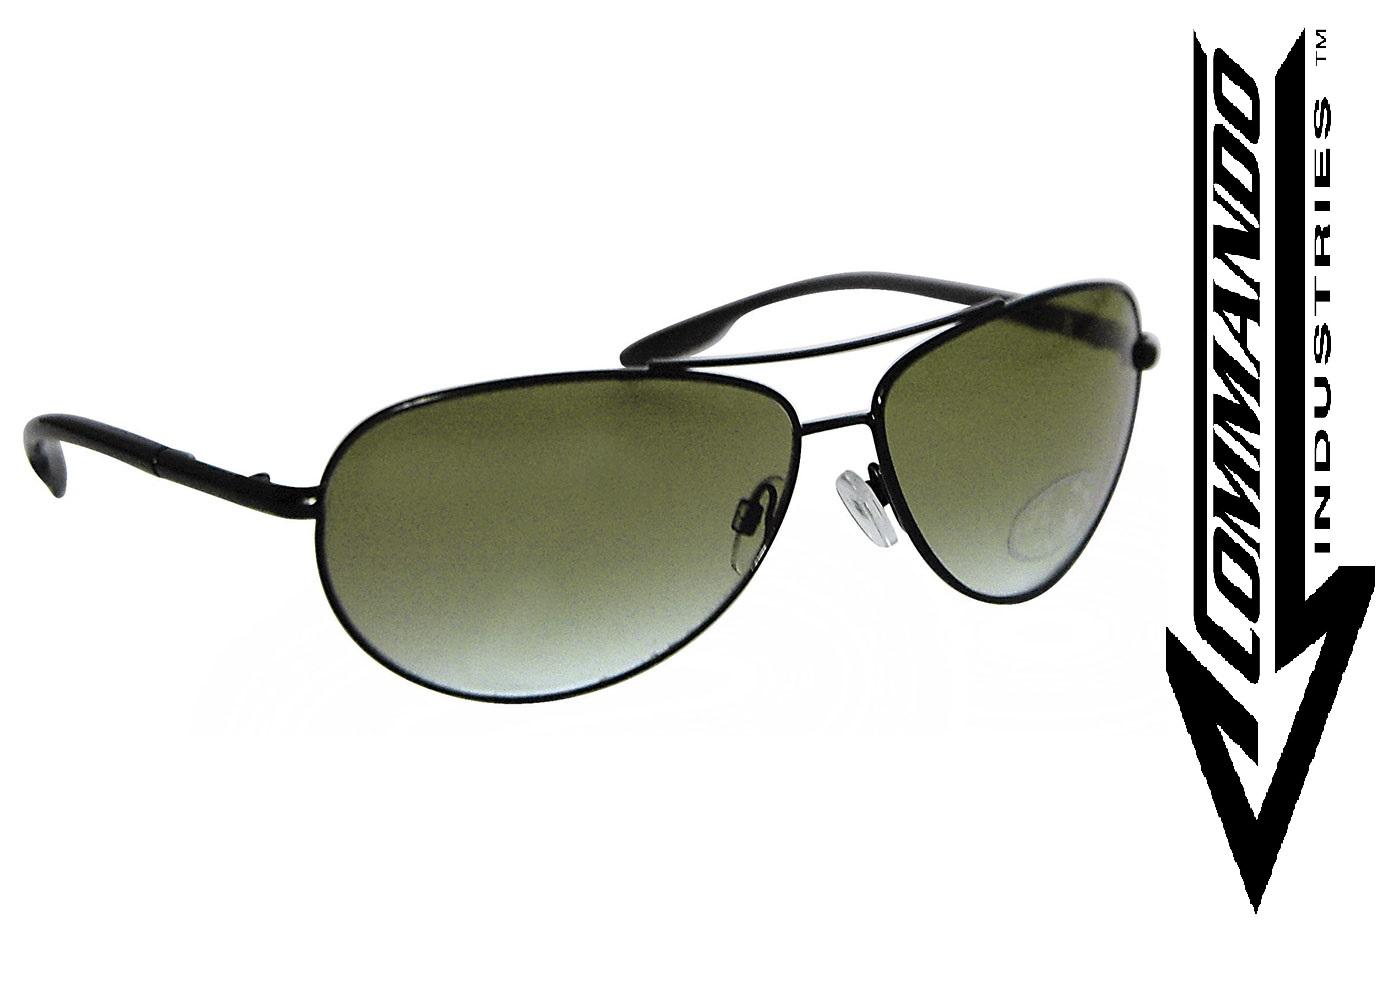 sonnenbrille pilot mit dunklen gl sern und sicherheits. Black Bedroom Furniture Sets. Home Design Ideas